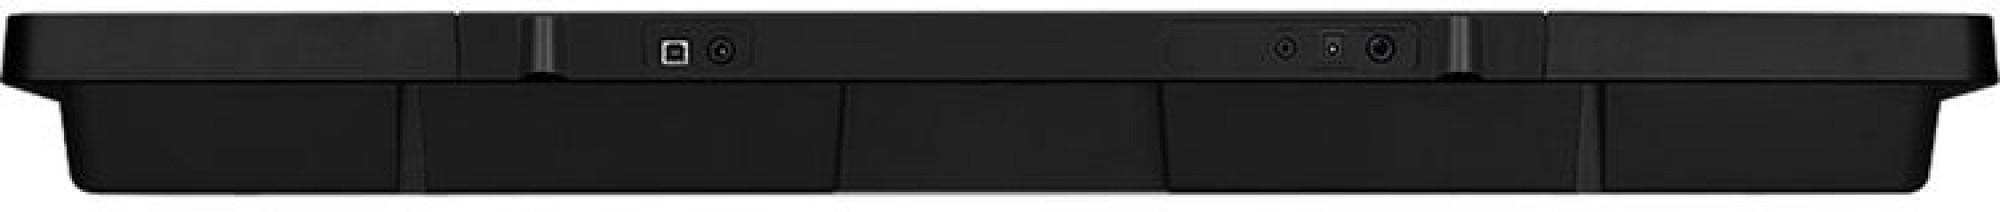 Teclado Casio Digital Ctk3400 61 Teclas Usb C/ Fonte